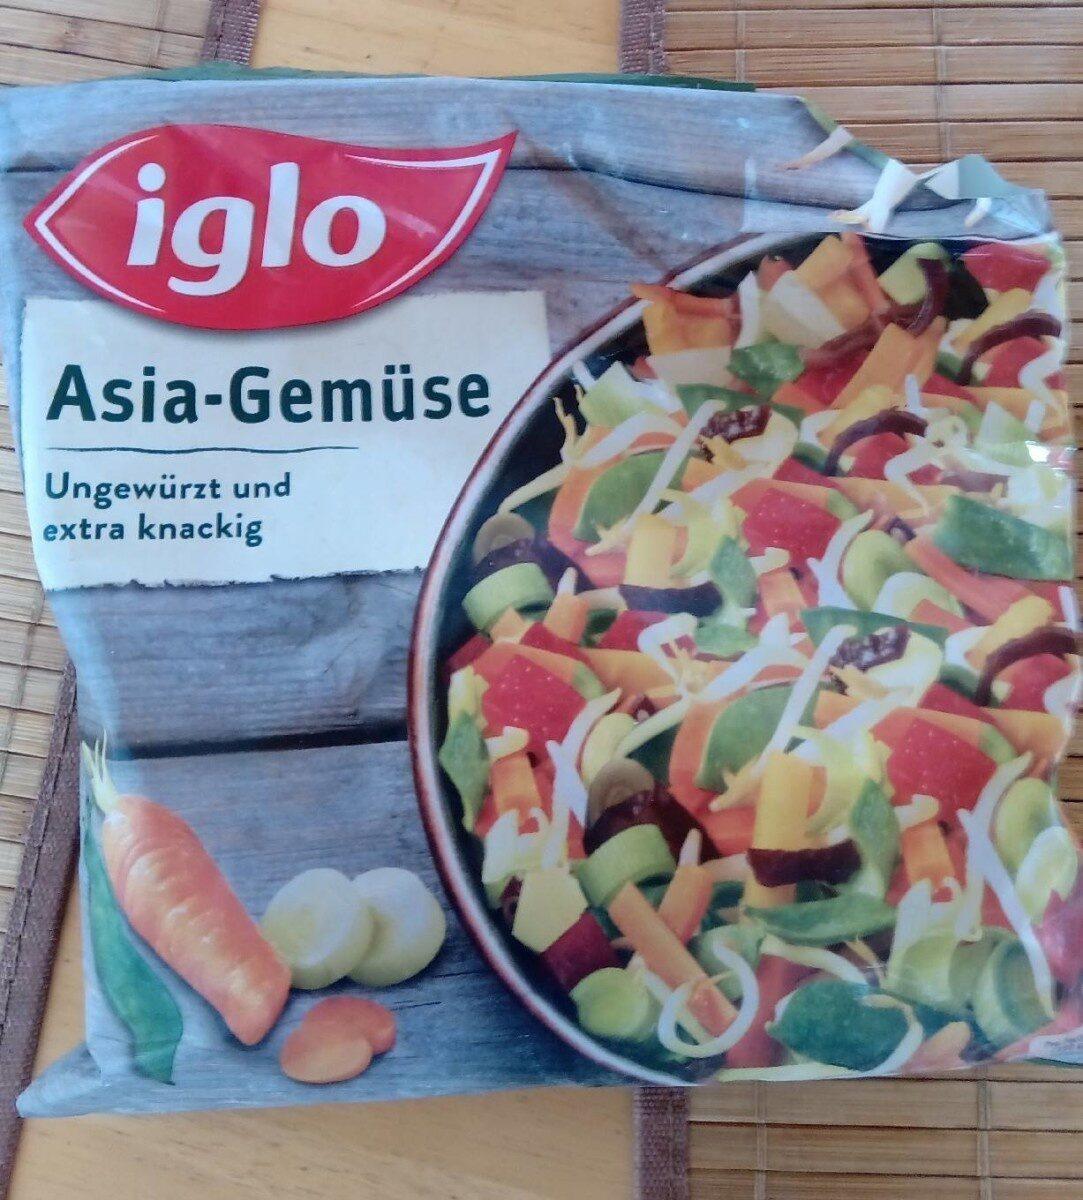 Asia-Gemüse - Produkt - de